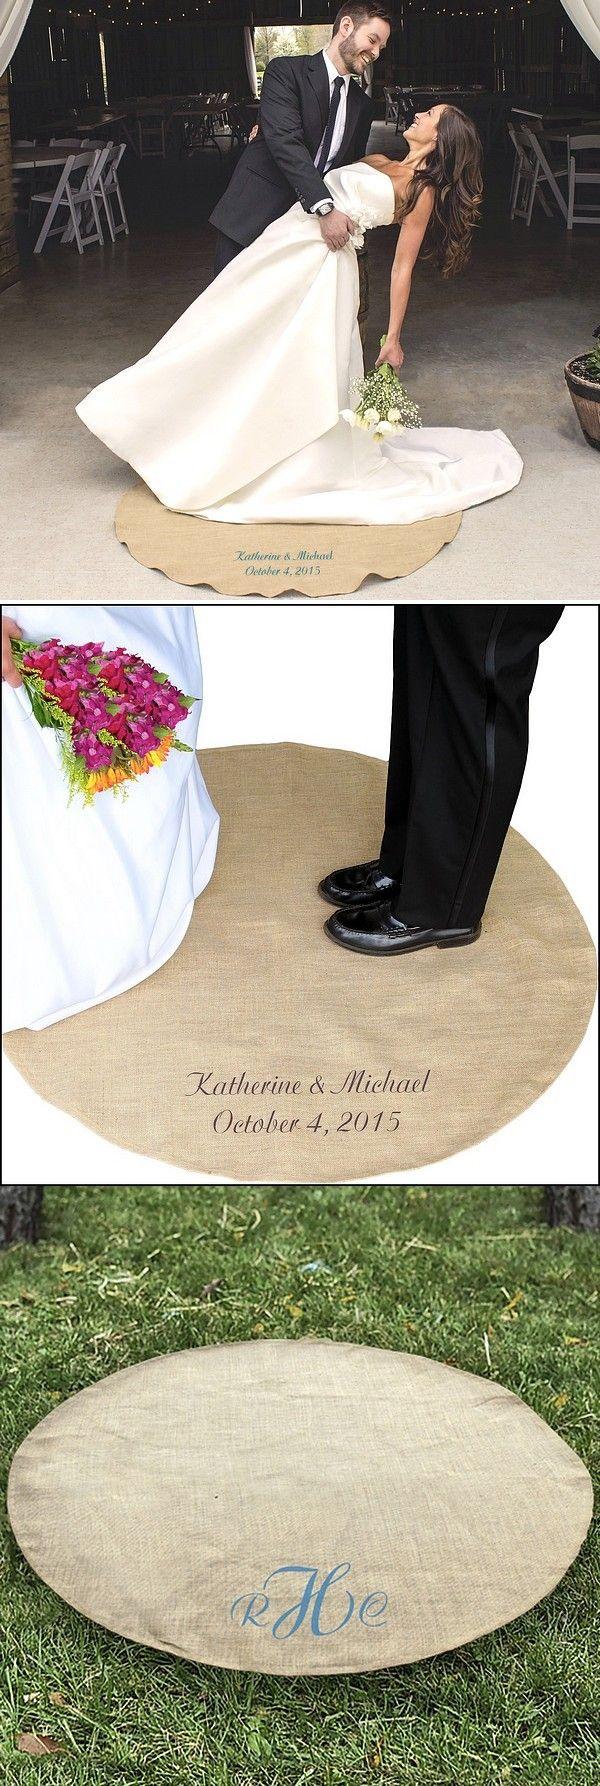 custom printed keepsake jute wedding vows rug